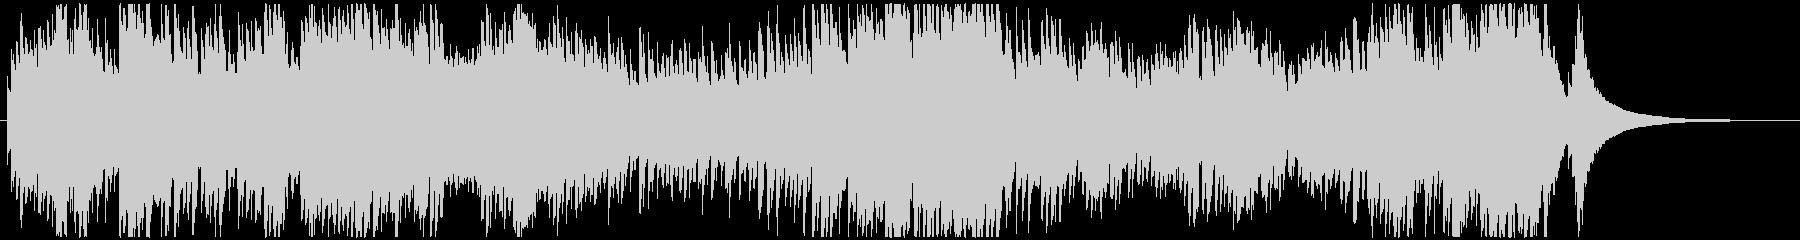 インベンション1番 オルゴールの未再生の波形